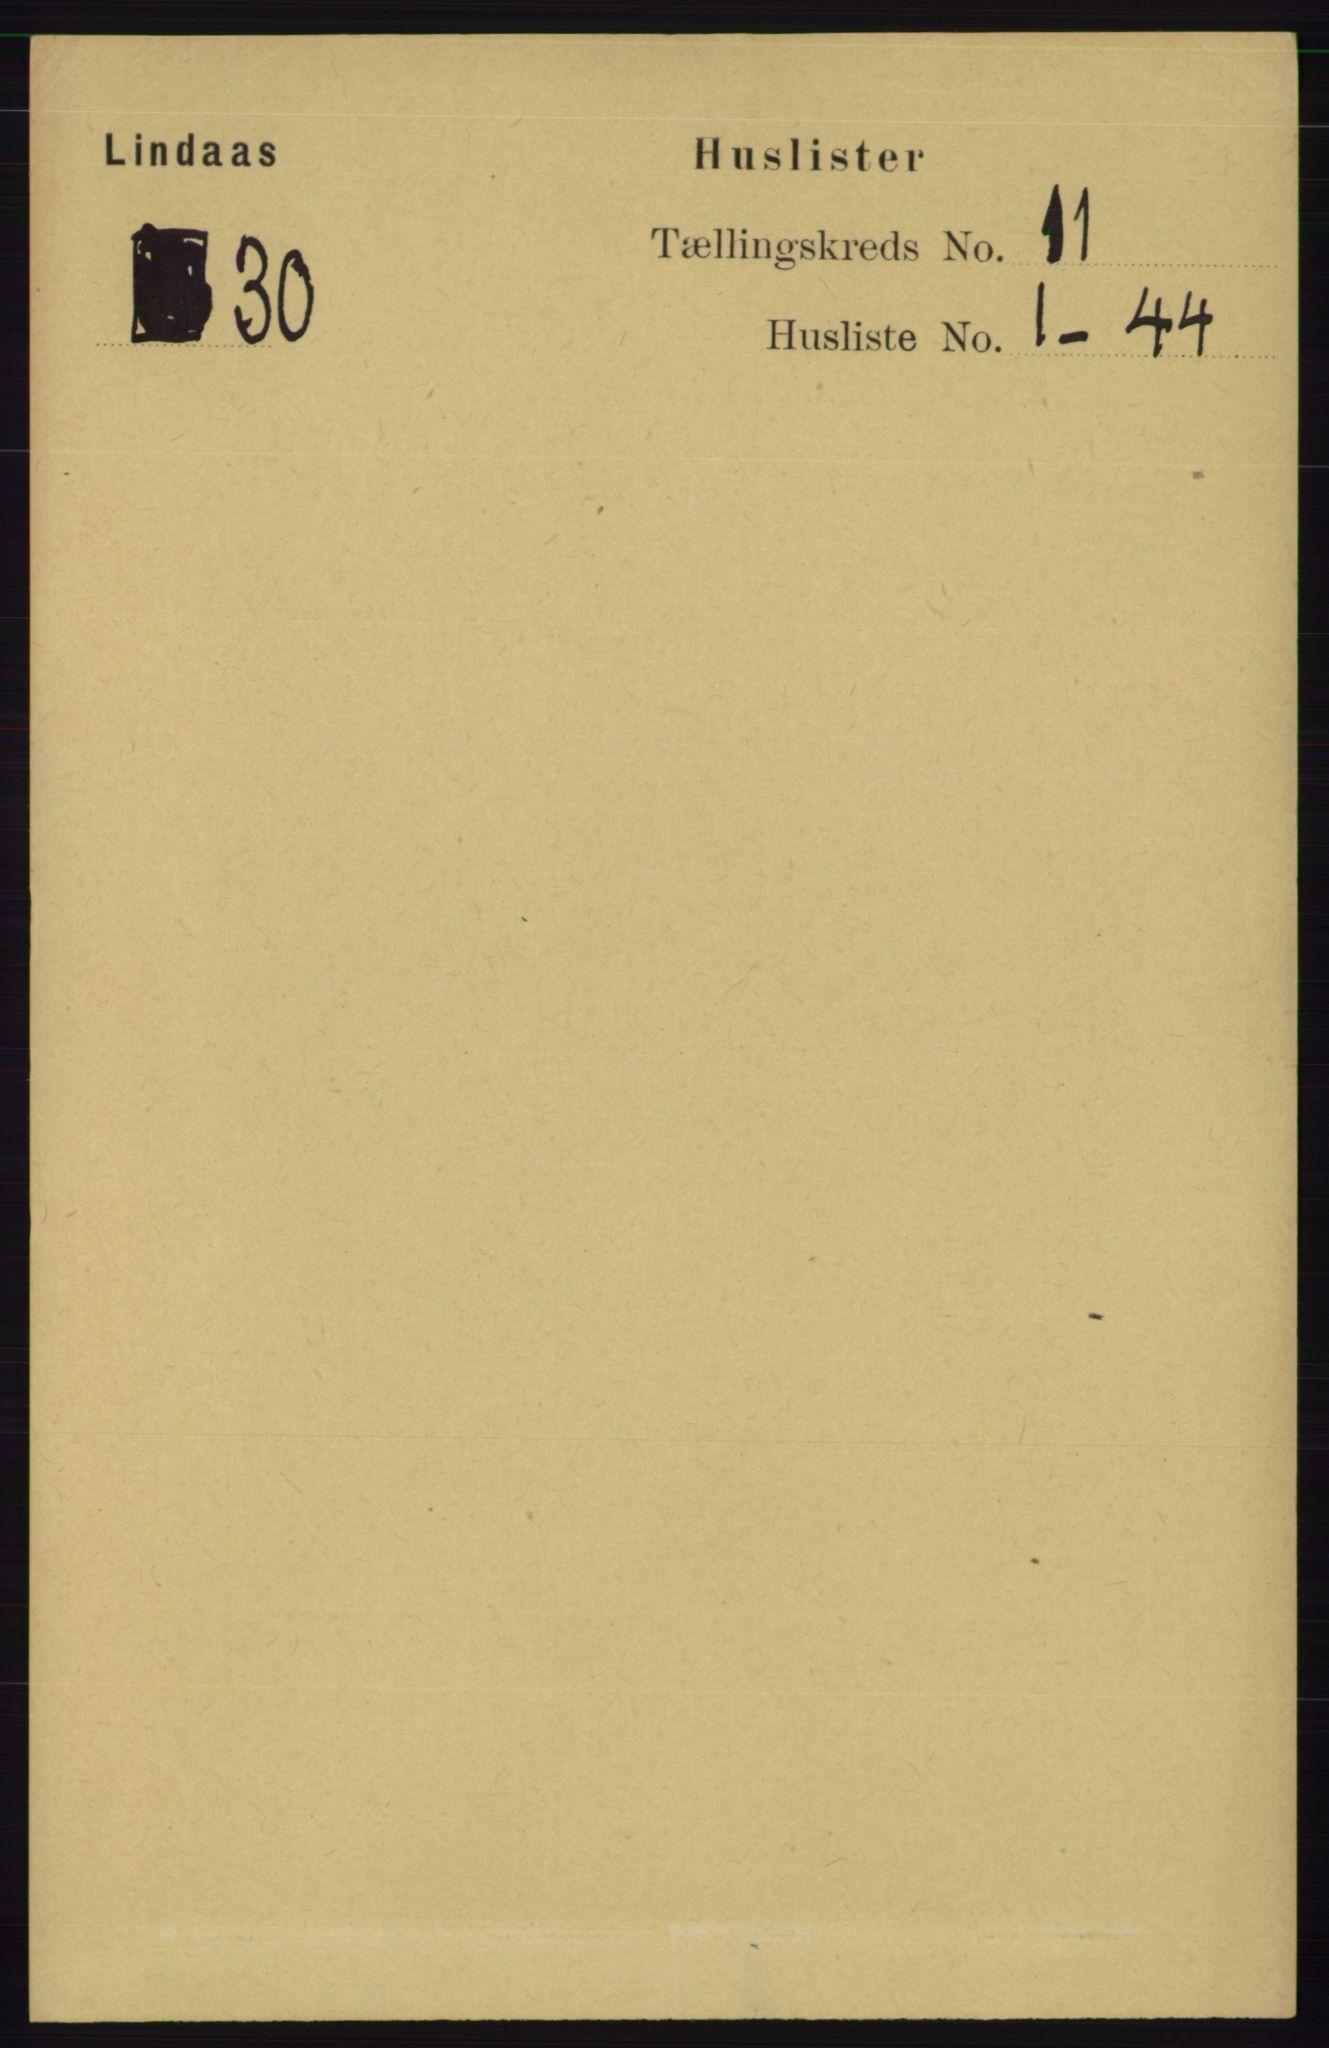 RA, Folketelling 1891 for 1263 Lindås herred, 1891, s. 3611